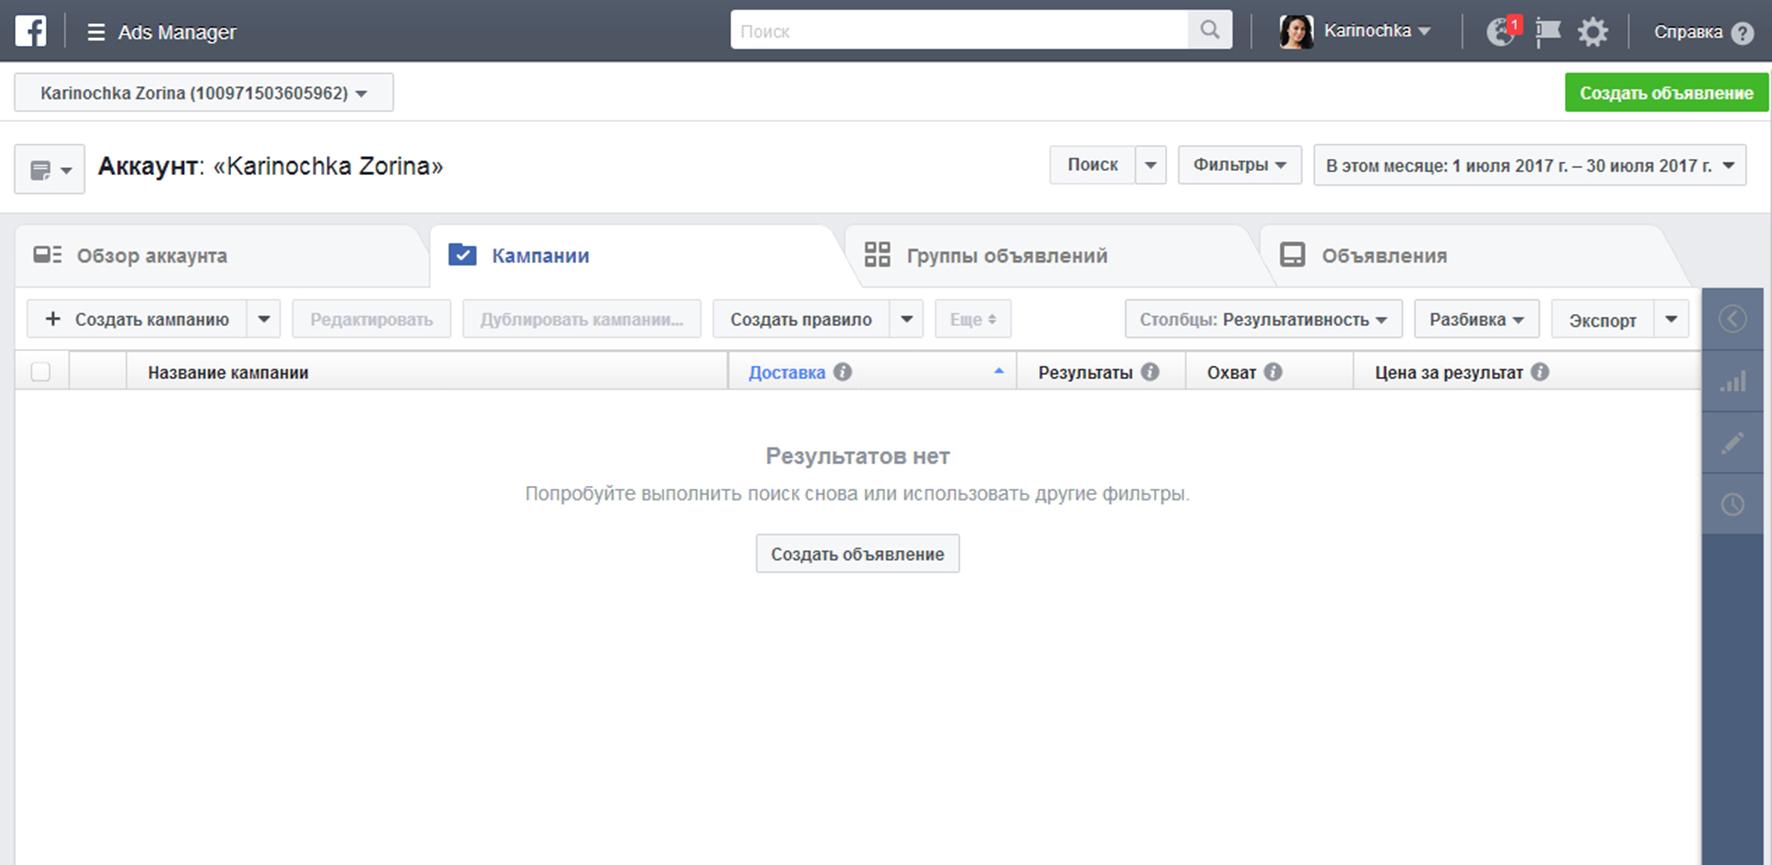 Внешний вид главной страницы менеджера рекламы Фейсбук